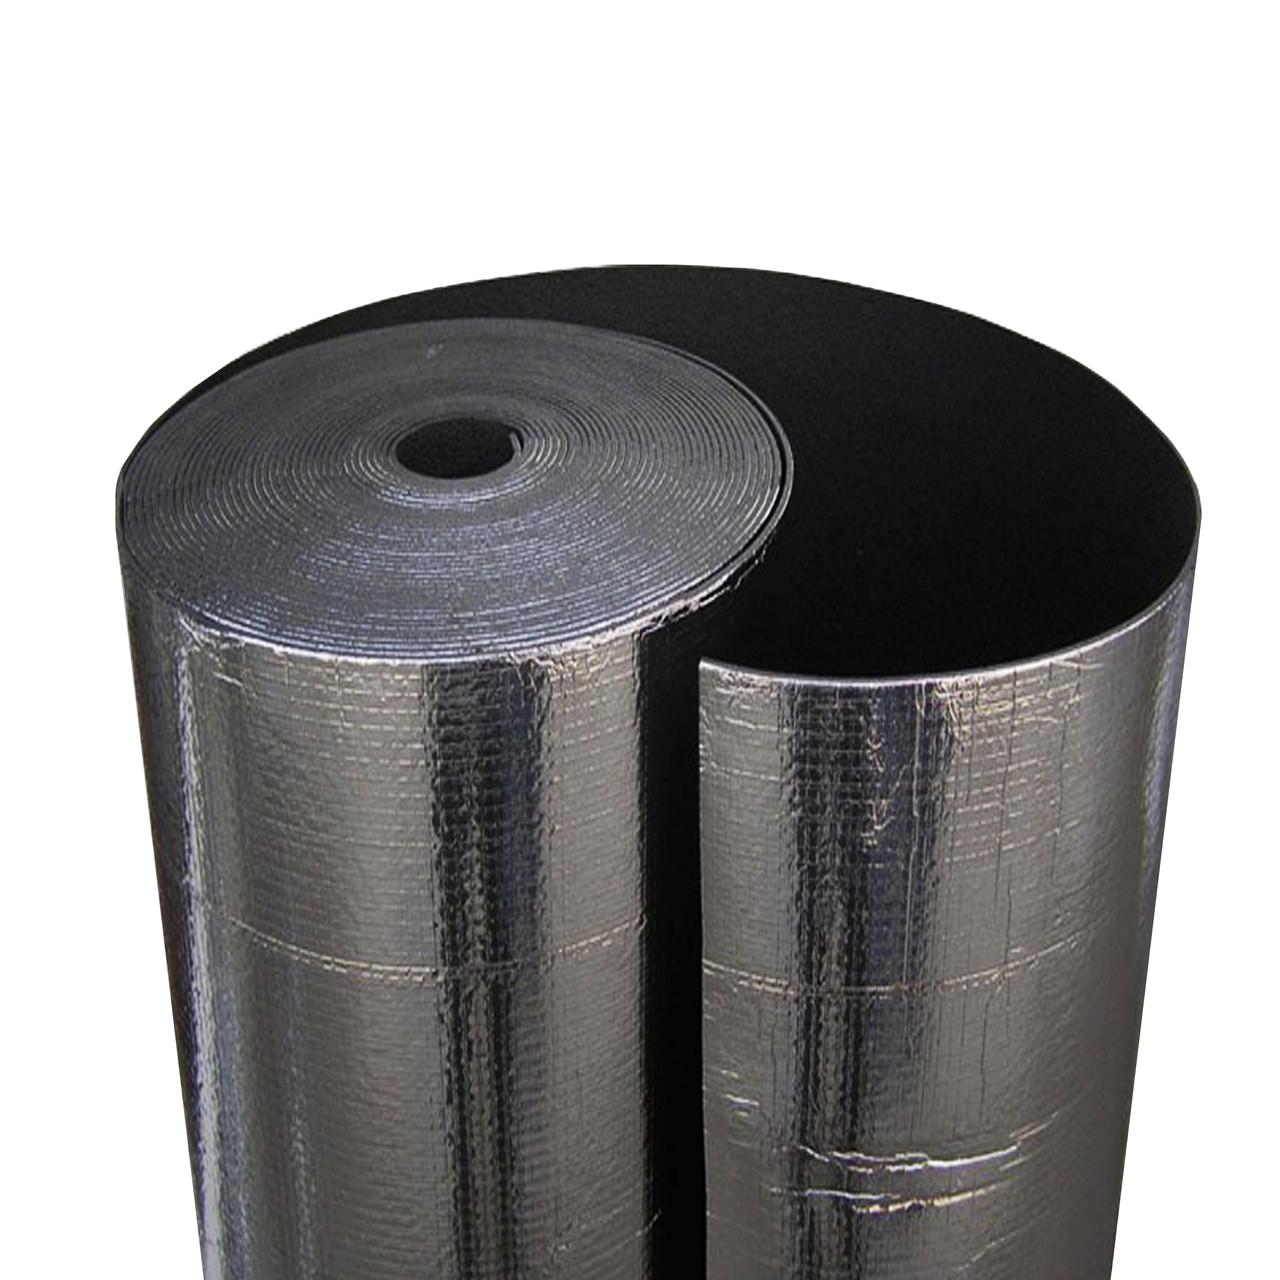 Физически сшитый вспененный полиэтилен фольгированный самоклеящийся, 4 мм